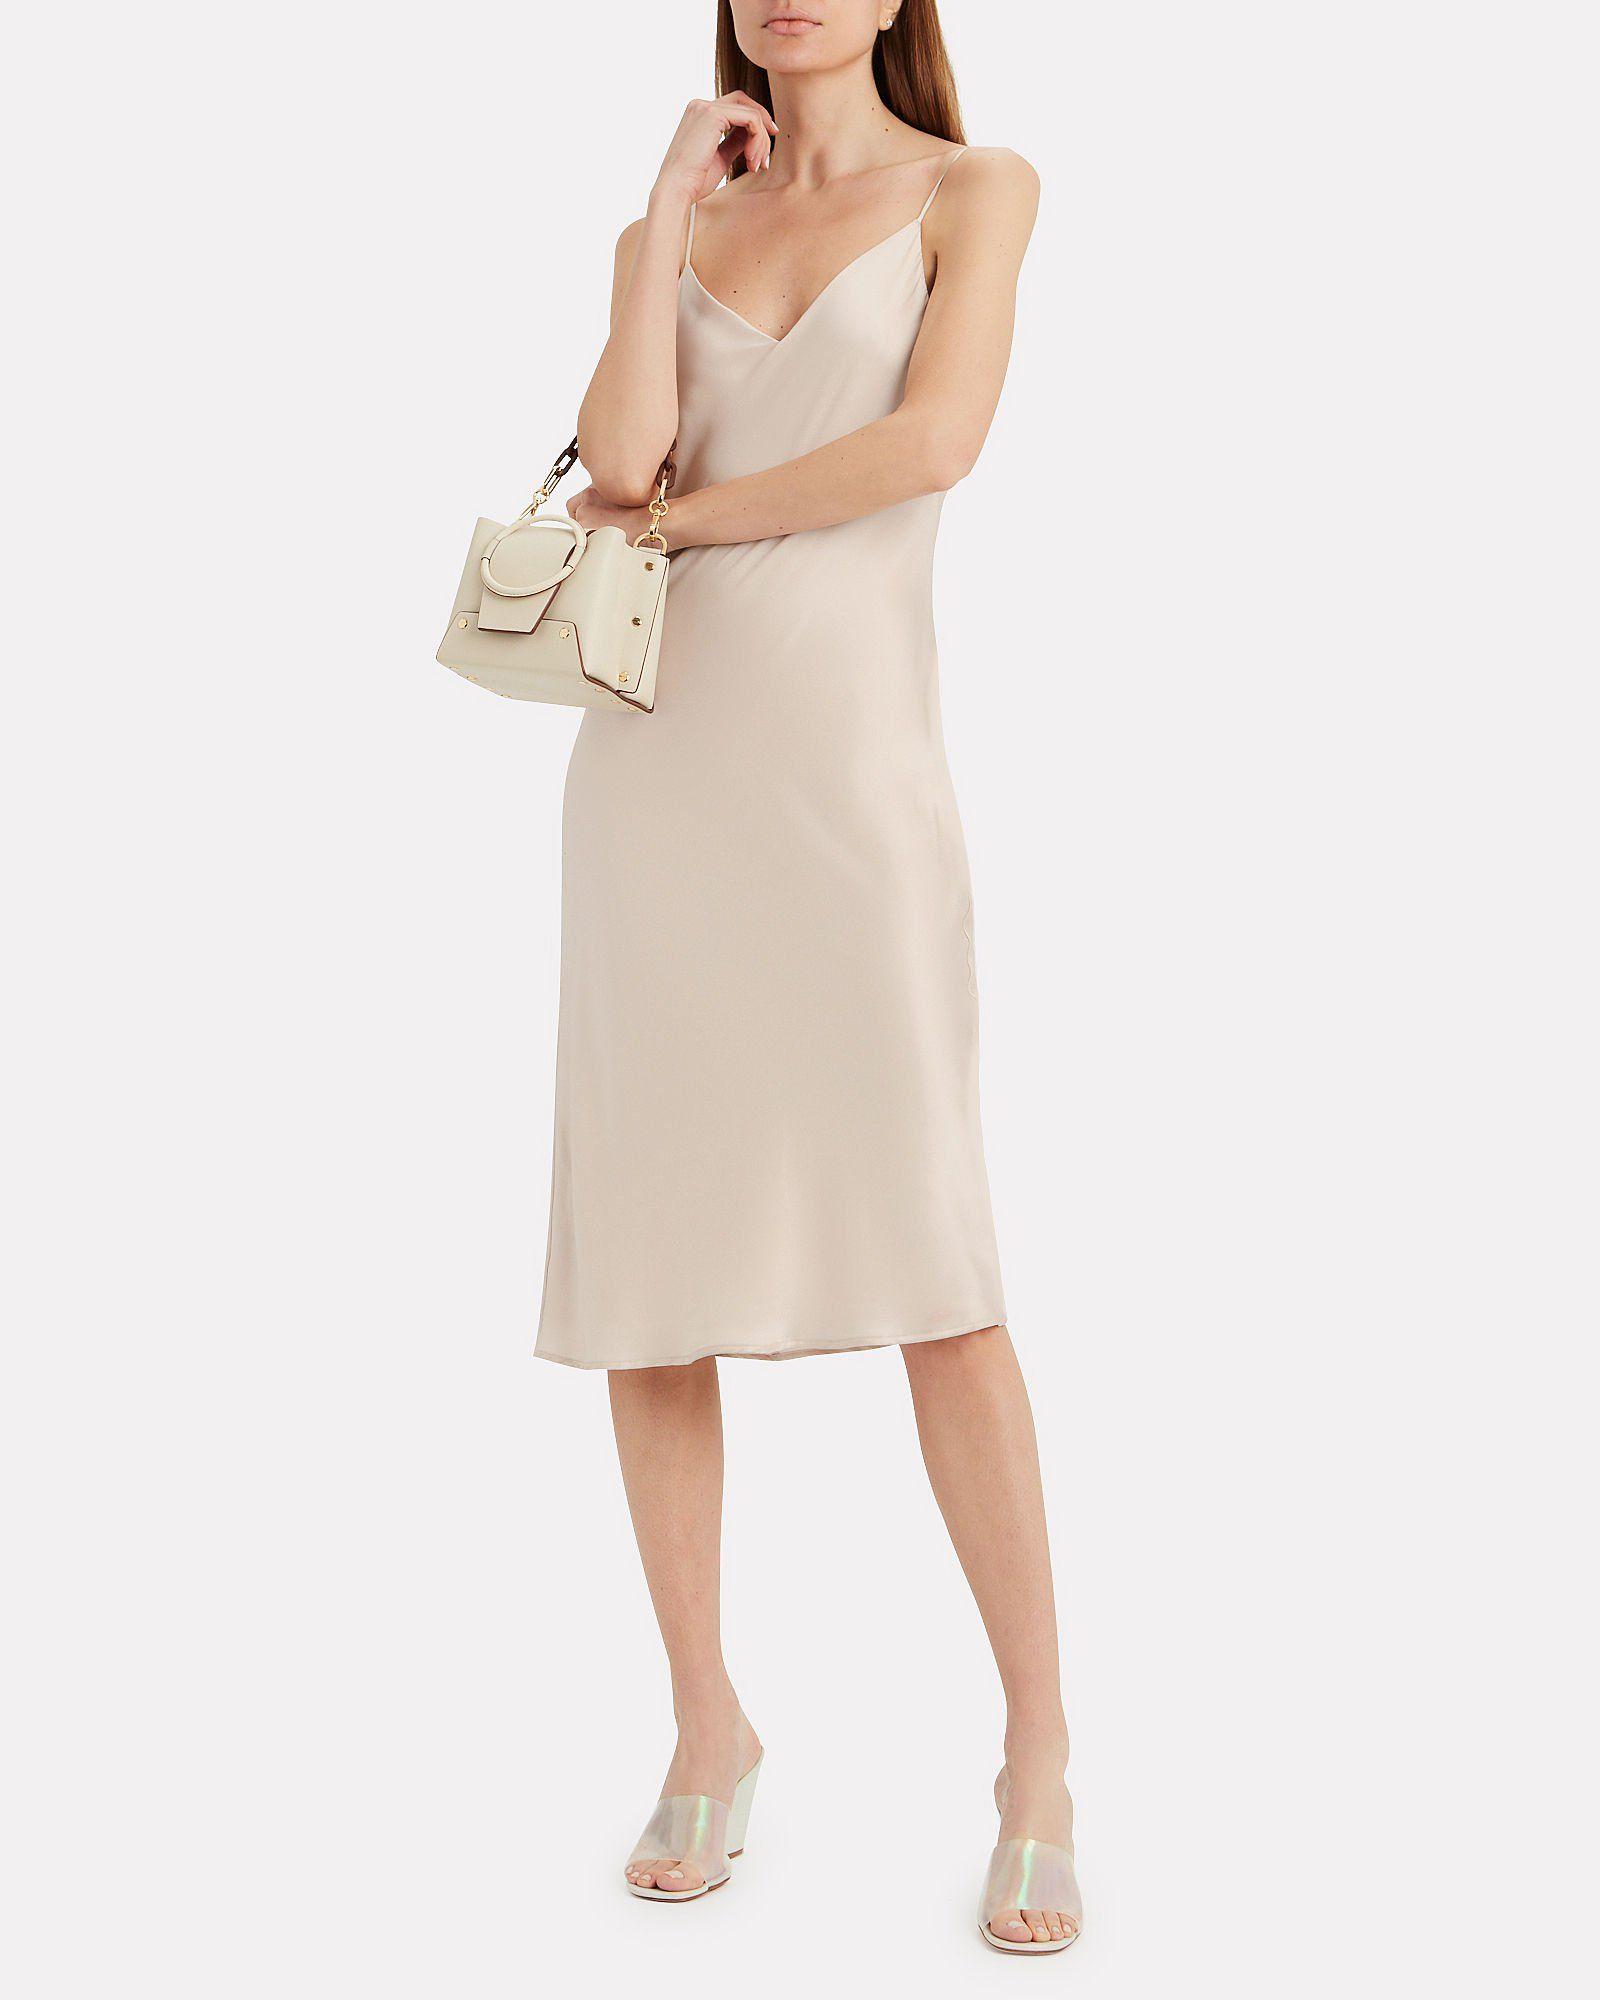 4799fcd0350 Jodie Champagne Slip Dress lagance